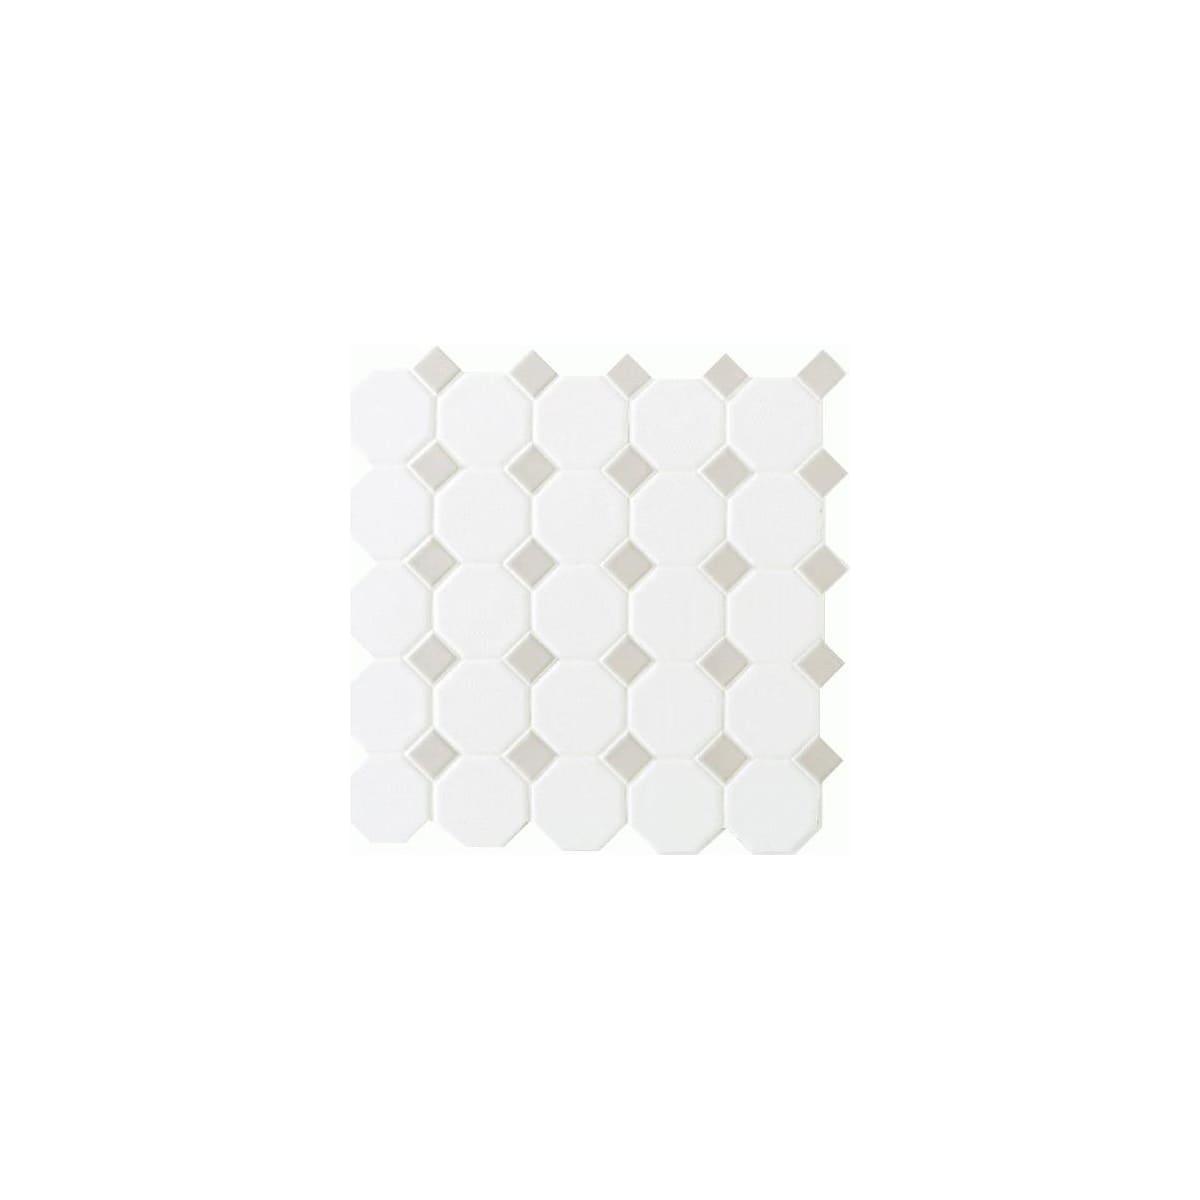 Daltile Octago (170 sq feet) Tile   Item# 10875